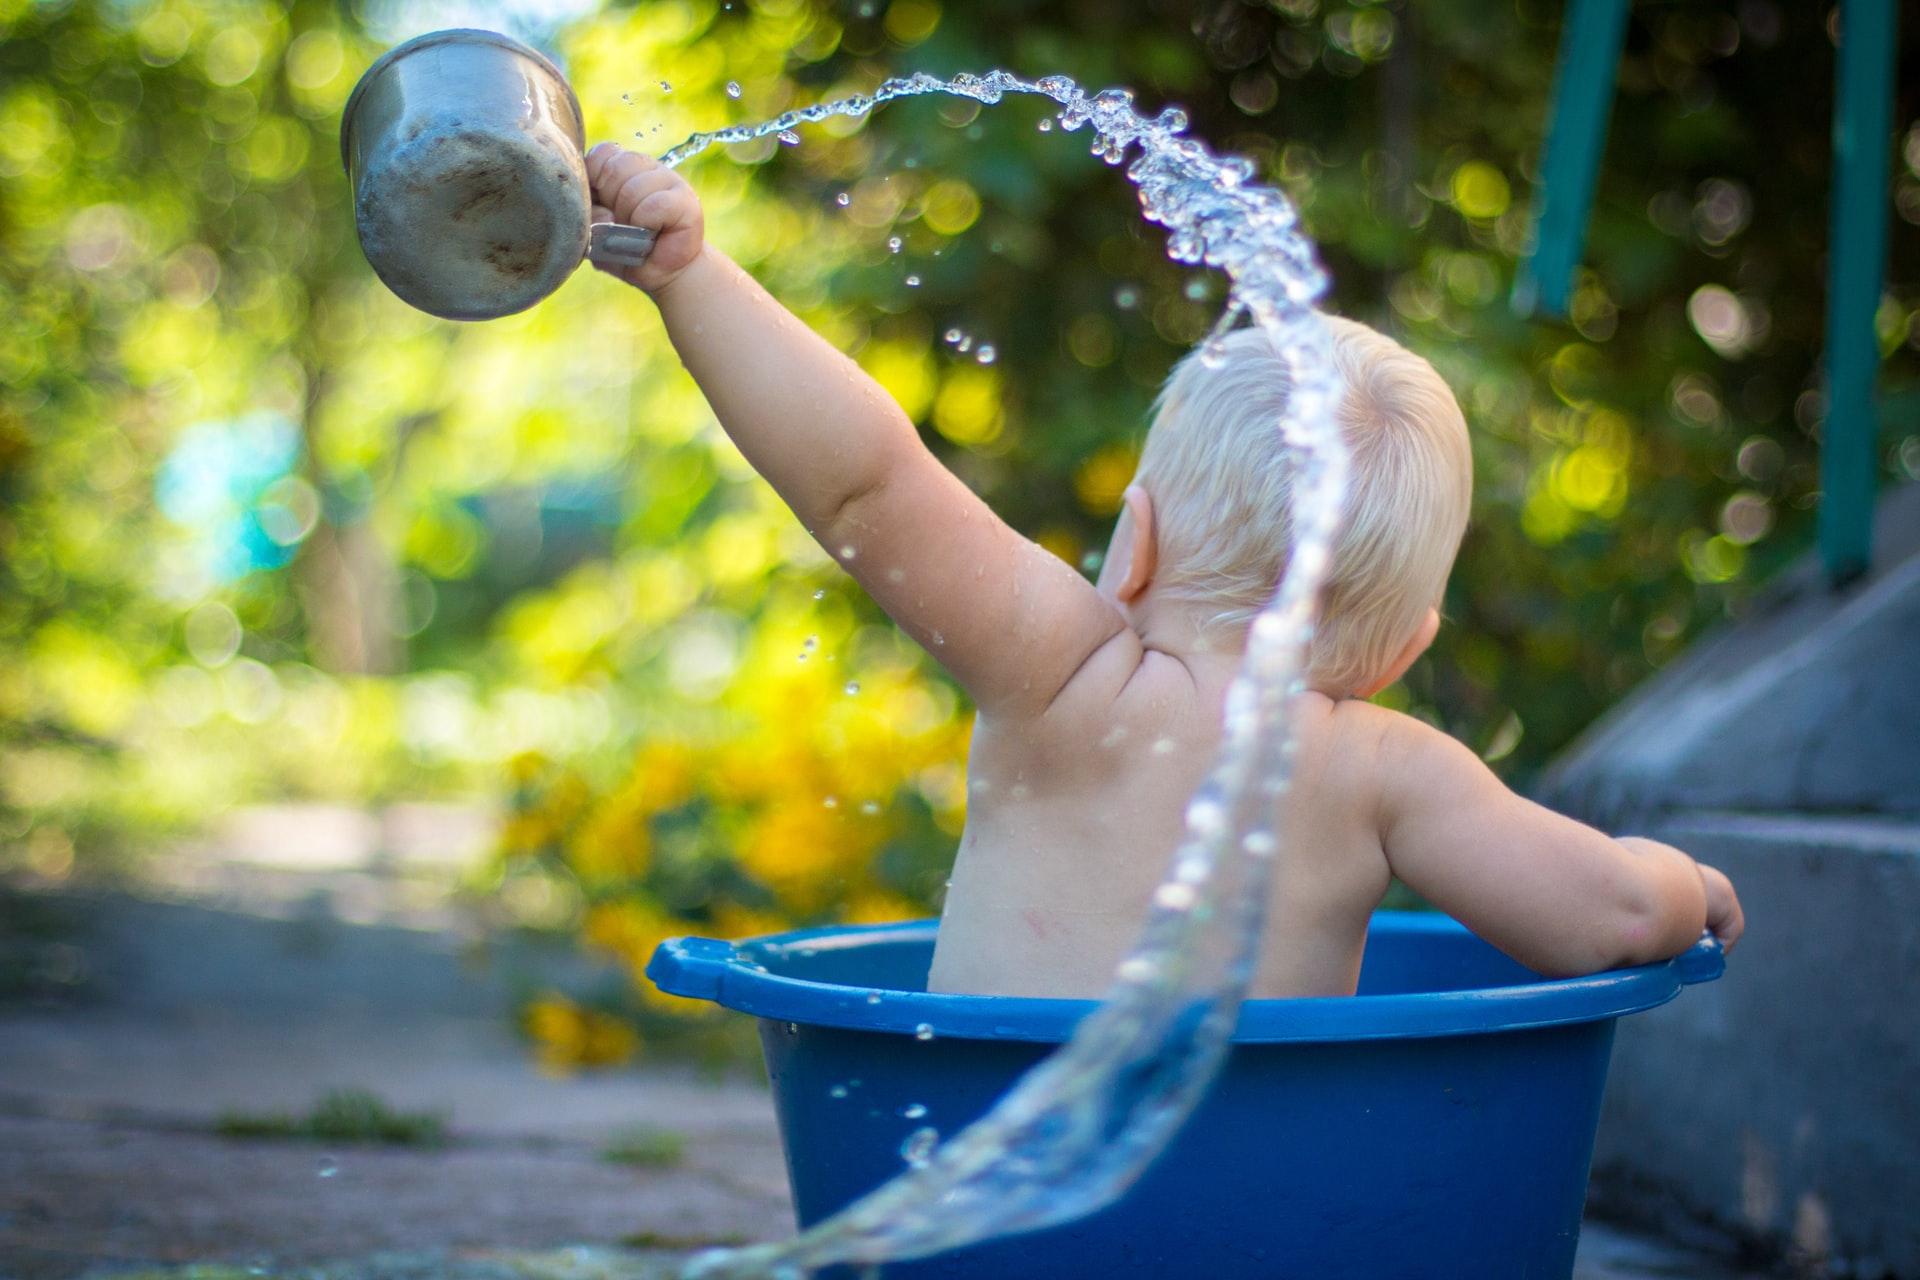 Dziecko kąpie się w misce